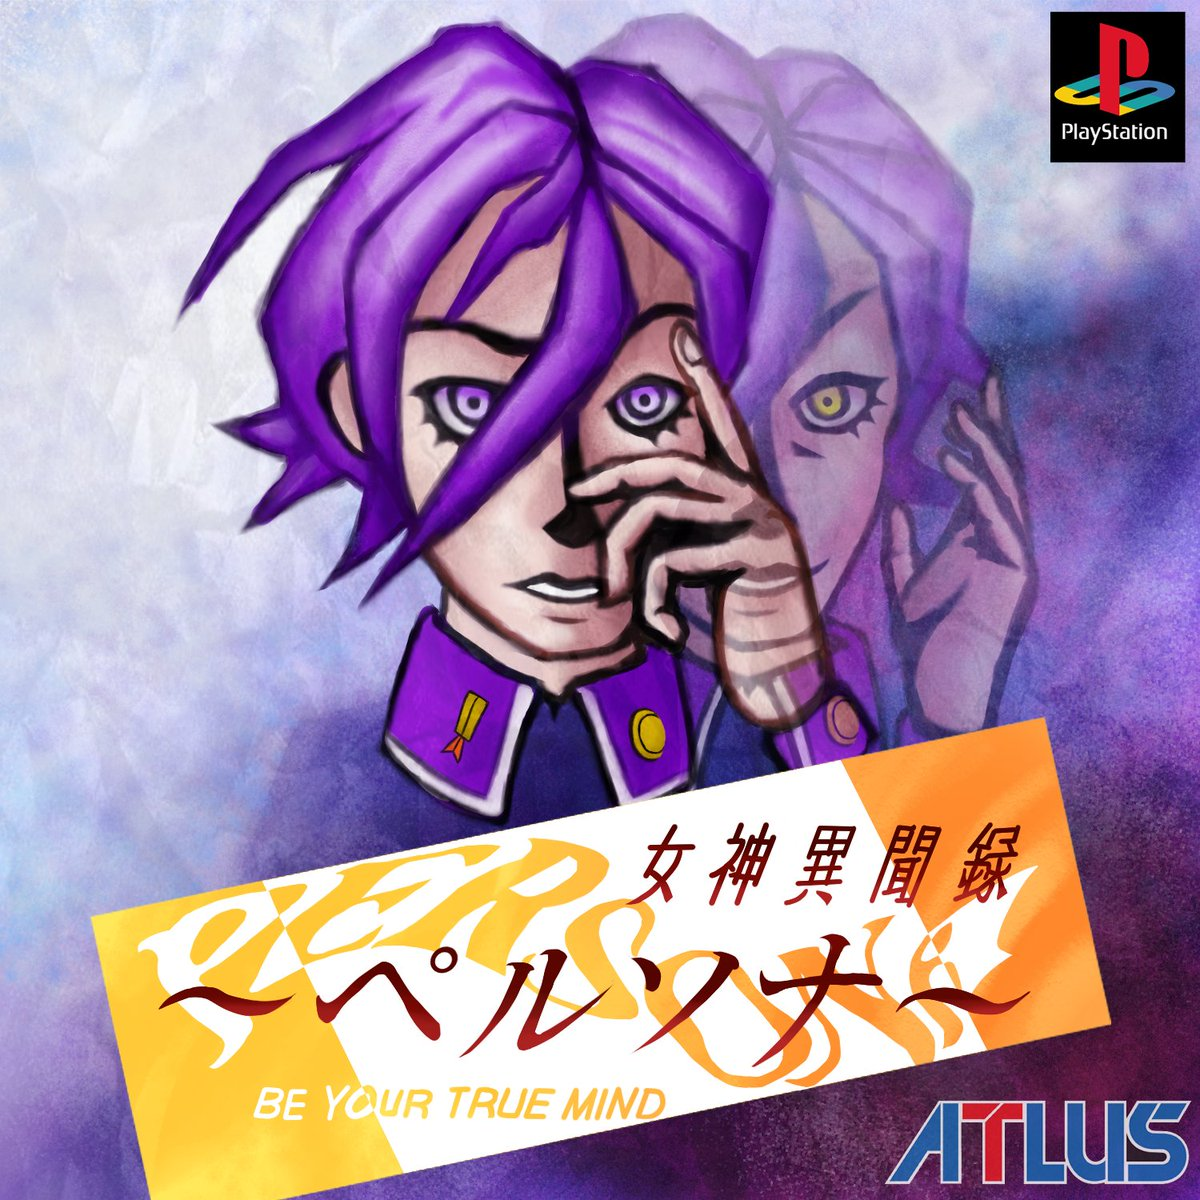 Tentei recriar a capa japonesa de Persona 1. Me sinto bem satisfeito com o que eu fiz.  #Persona #Art #ShinMegamiTensei  #gameart https://t.co/ykQewhEnxN